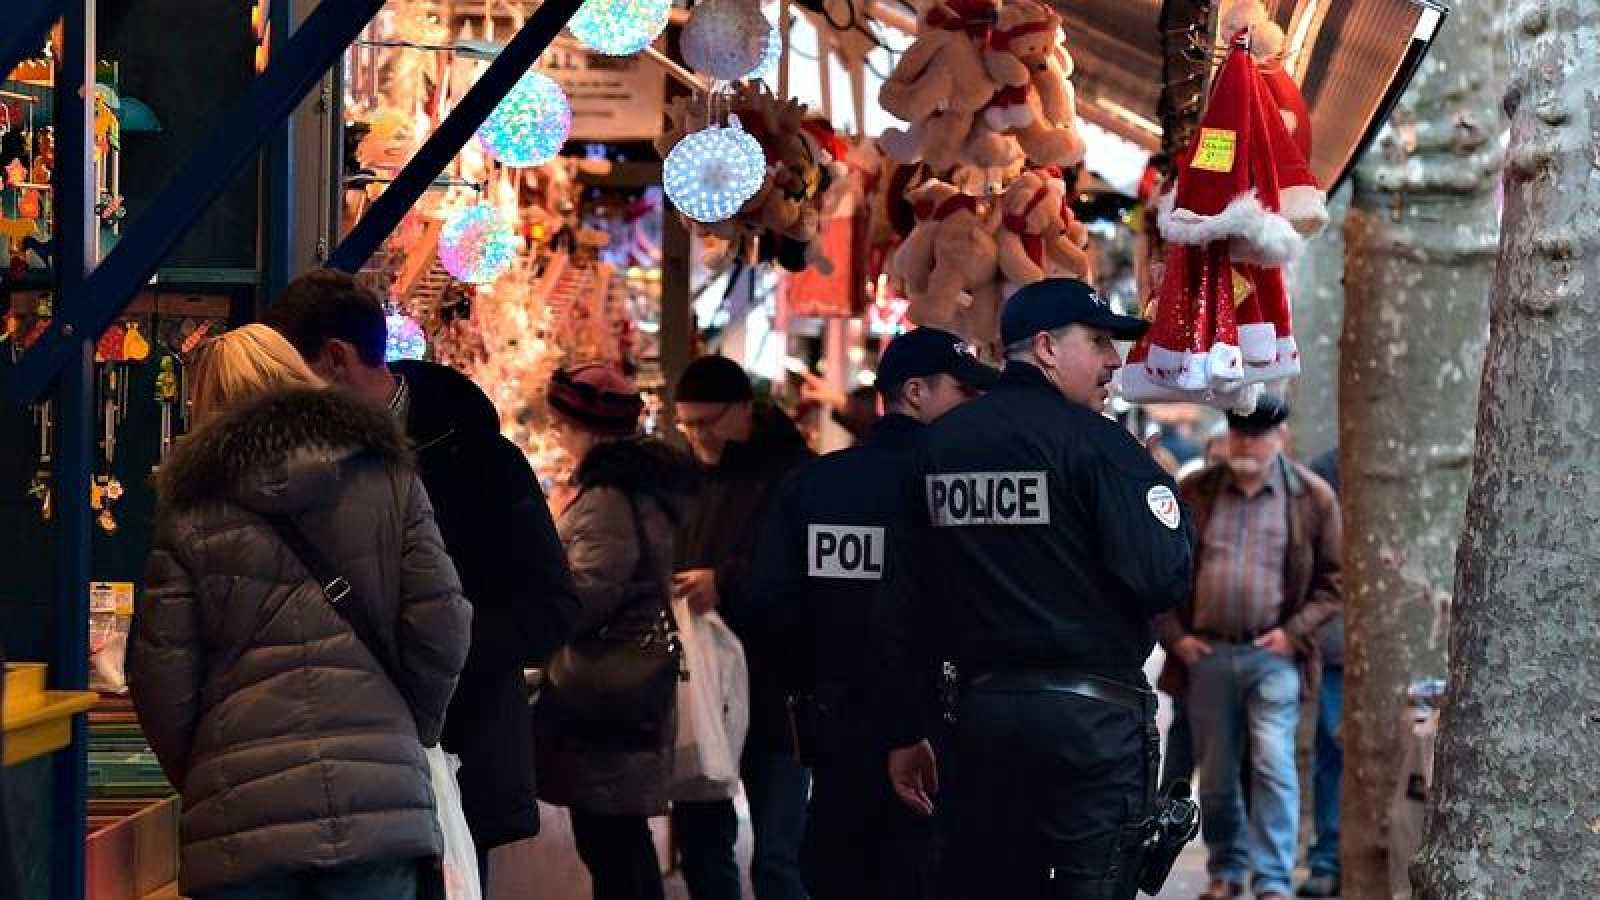 Dos policías patrullan en el mercado navideño de Estrasburgo, en Francia